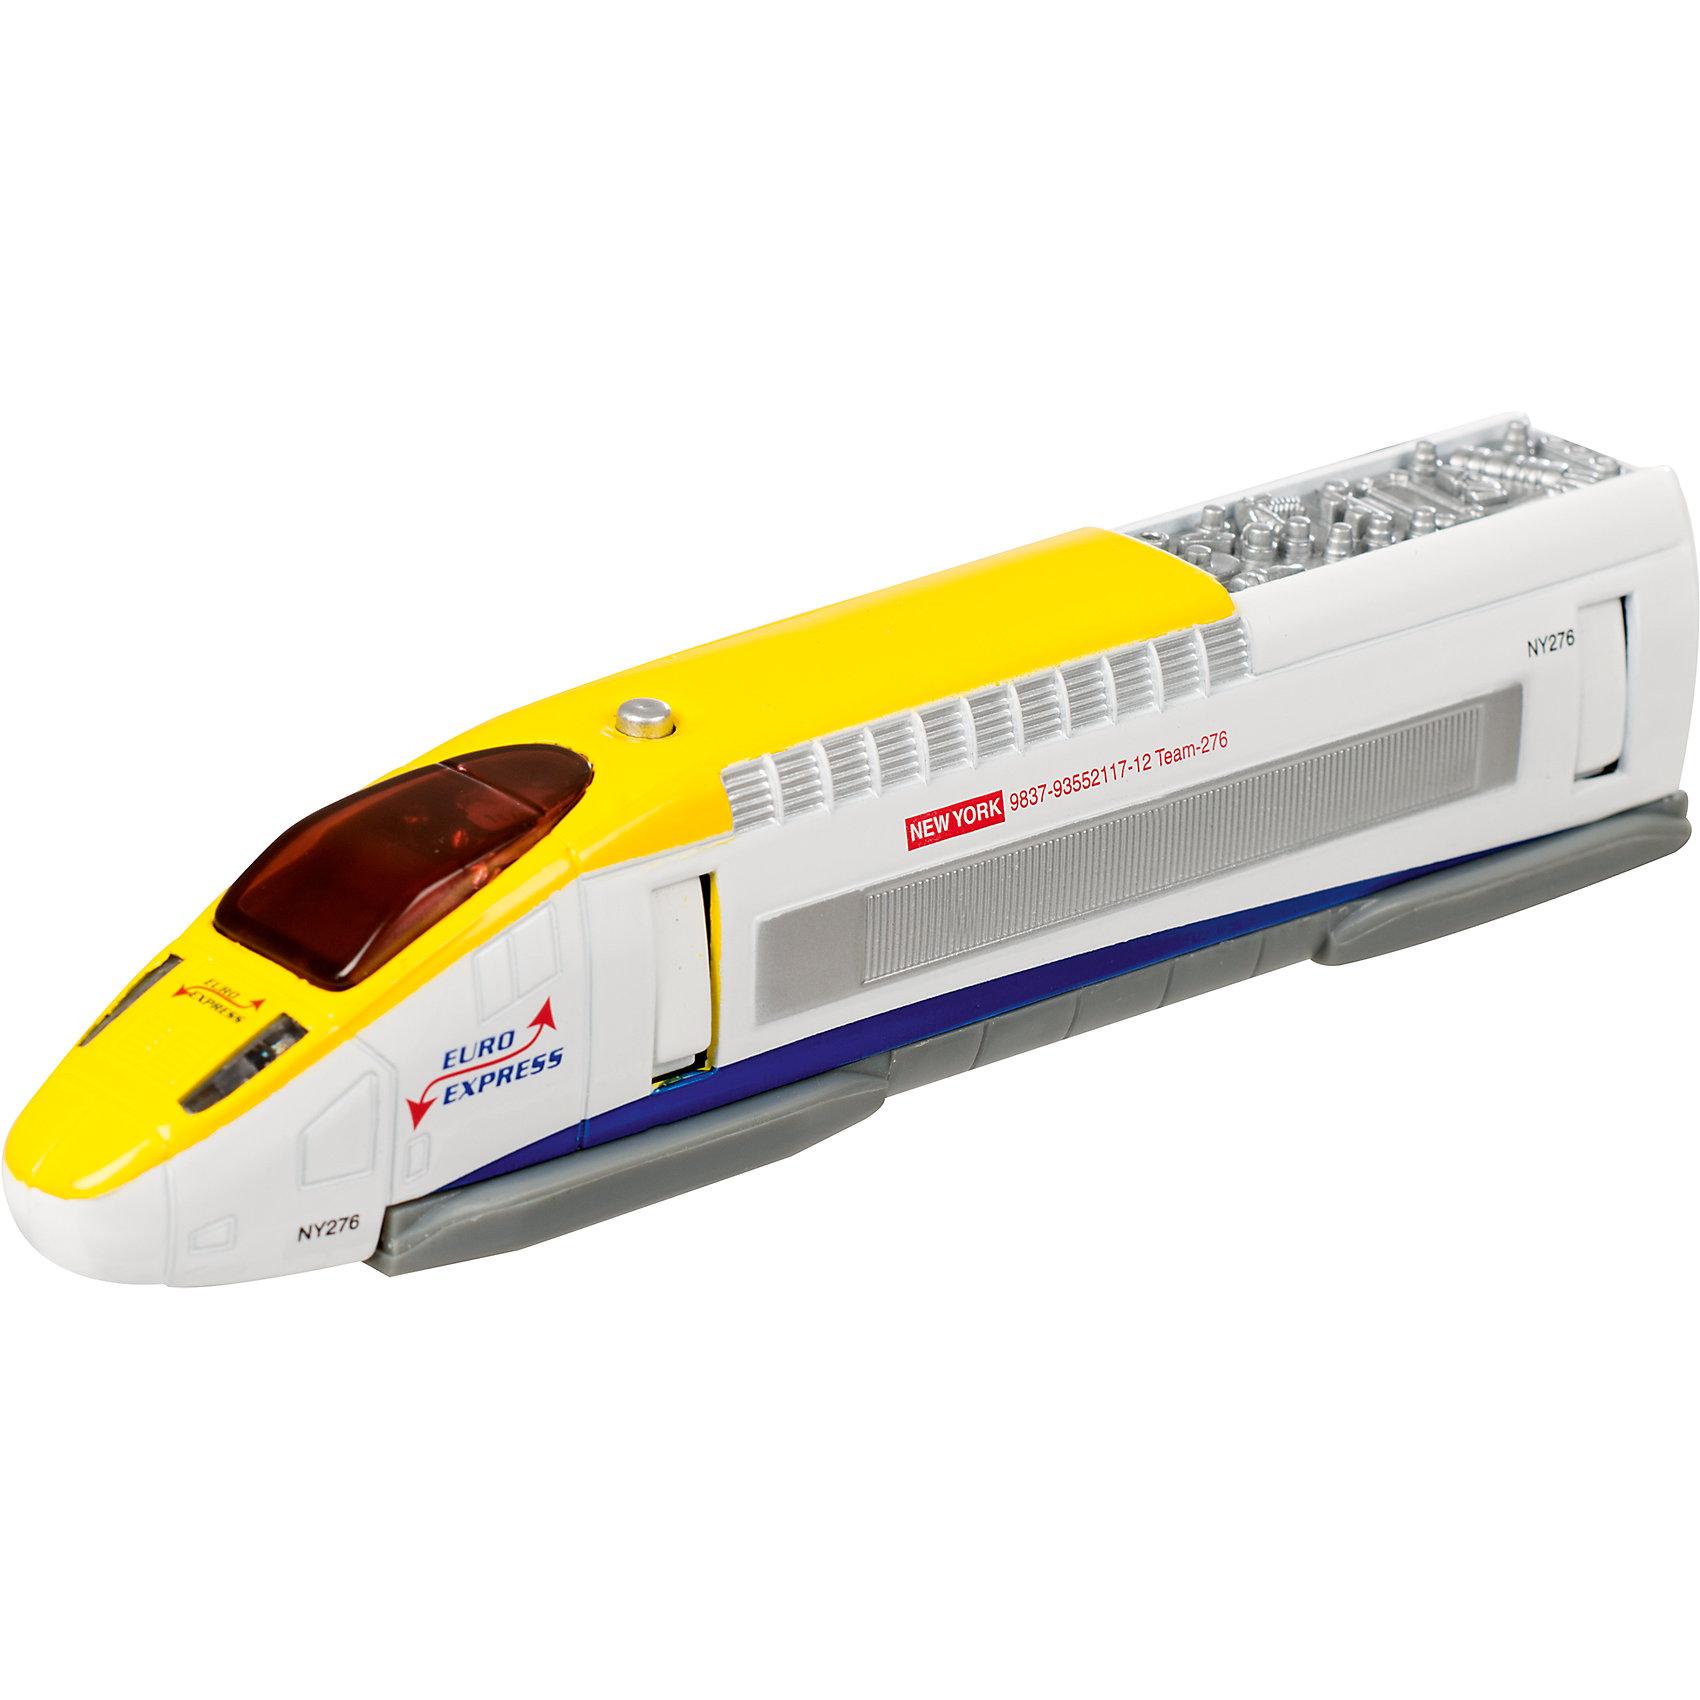 Скоростной поезд Roadsterz Euro Express, HTIИгрушечная железная дорога<br><br><br>Ширина мм: 50<br>Глубина мм: 210<br>Высота мм: 90<br>Вес г: 210<br>Возраст от месяцев: 36<br>Возраст до месяцев: 144<br>Пол: Мужской<br>Возраст: Детский<br>SKU: 6908021